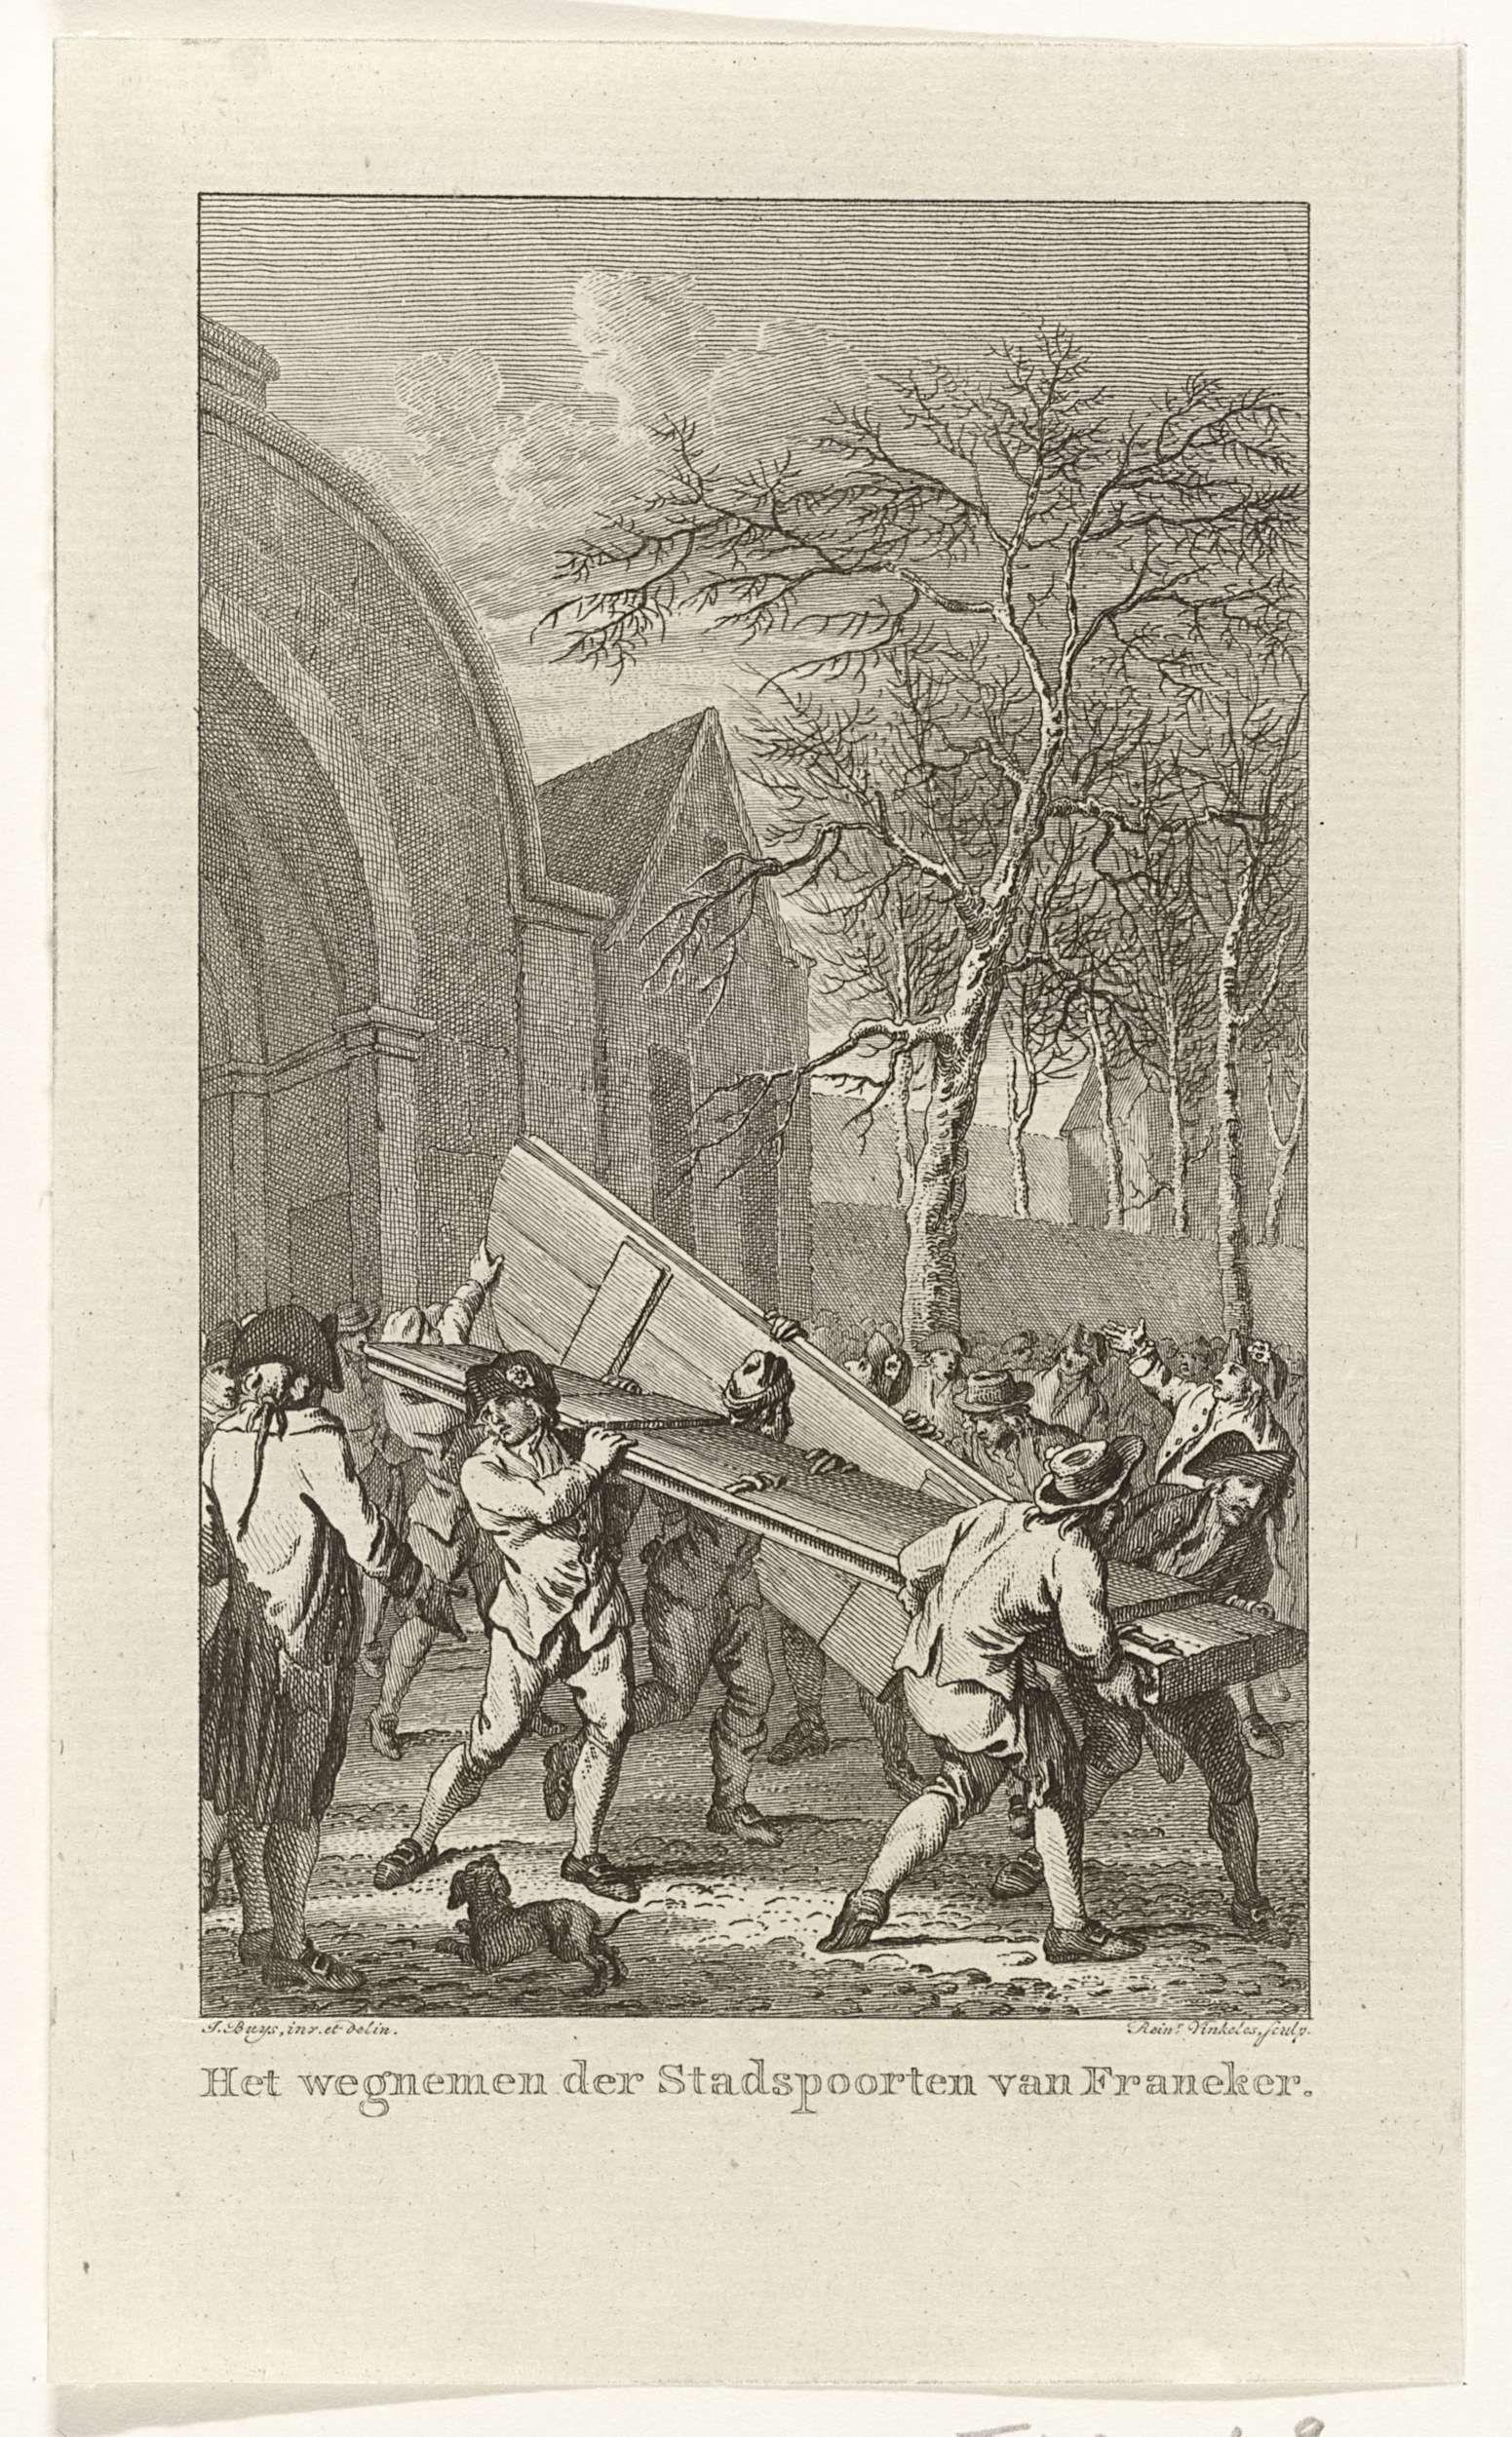 Reinier Vinkeles | Wegnemen van de deuren van de stadspoort te Franeker, 1788, Reinier Vinkeles, 1795 - 1797 | Het wegnemen van de deuren van de stadspoort van Franeker, februari 1788.